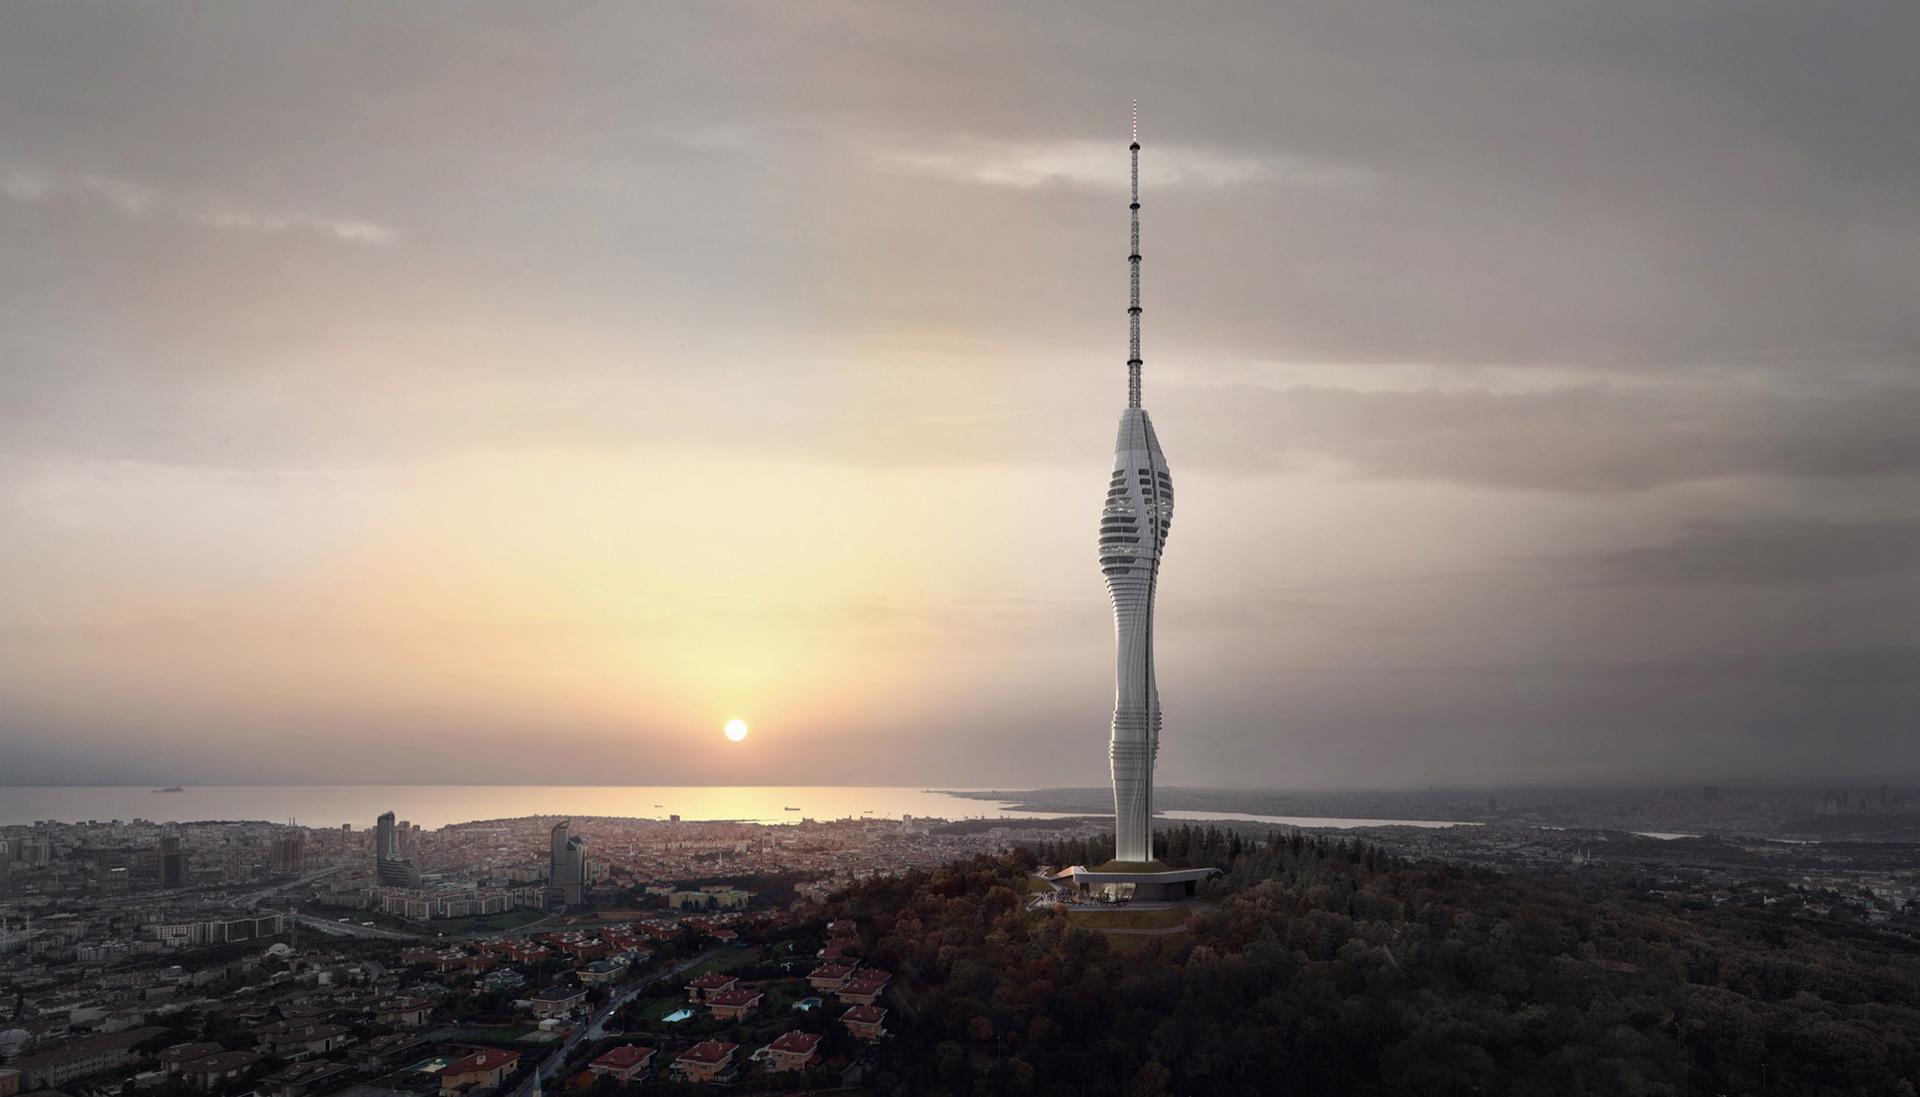 Телебашня в Стамбуле фото